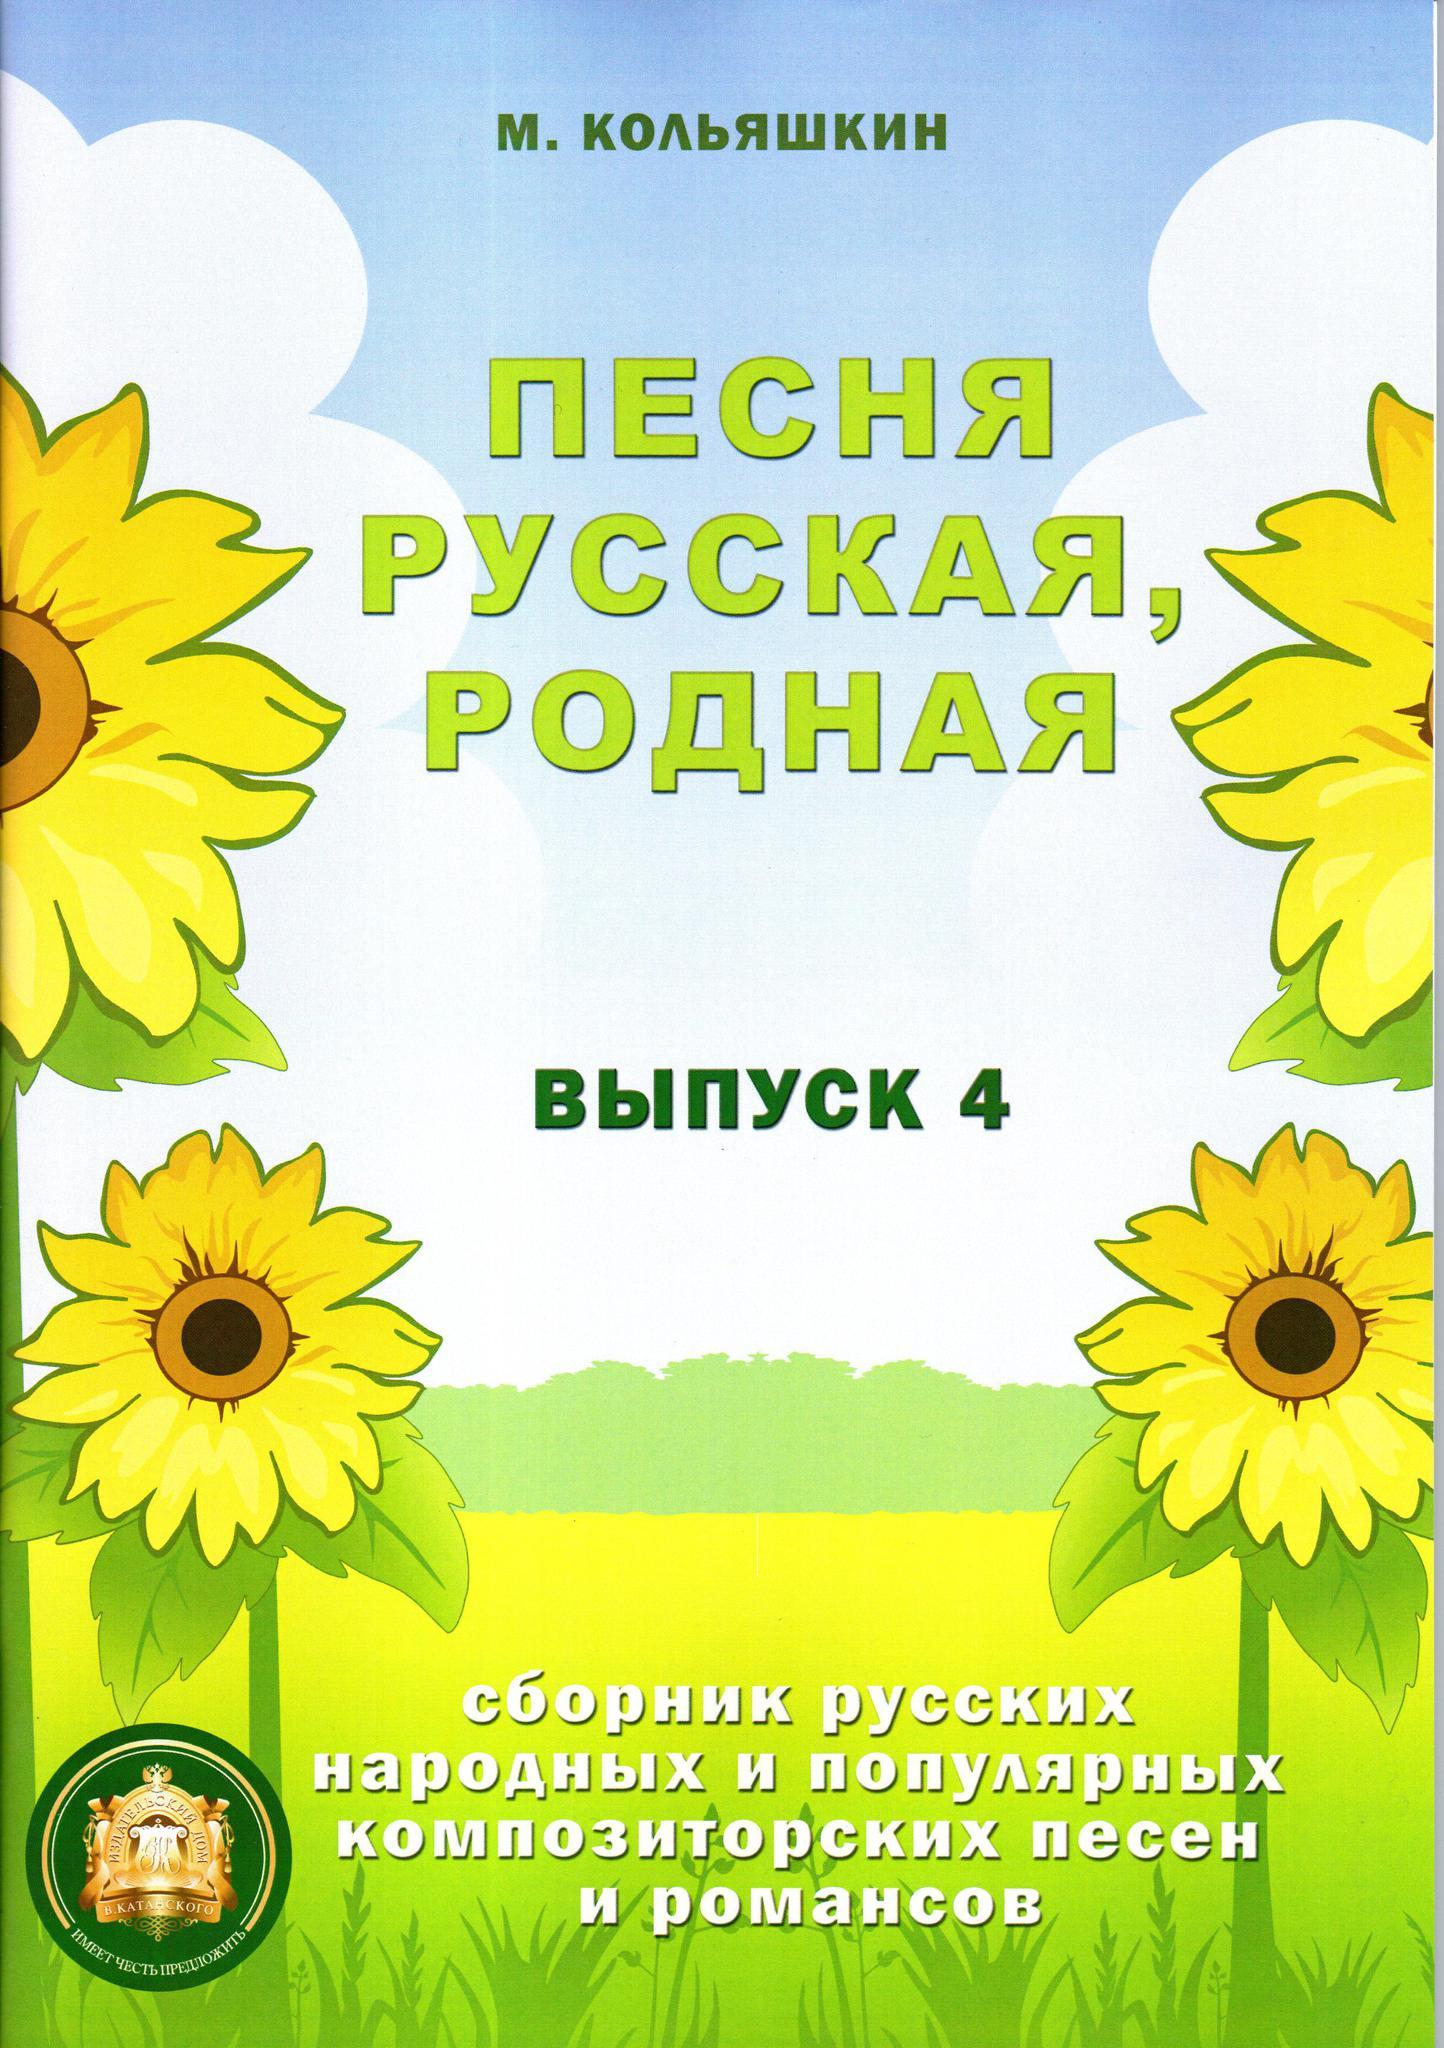 М. Кольяшкин. Песня русская родная. Выпуск 4. Русские народные песни.